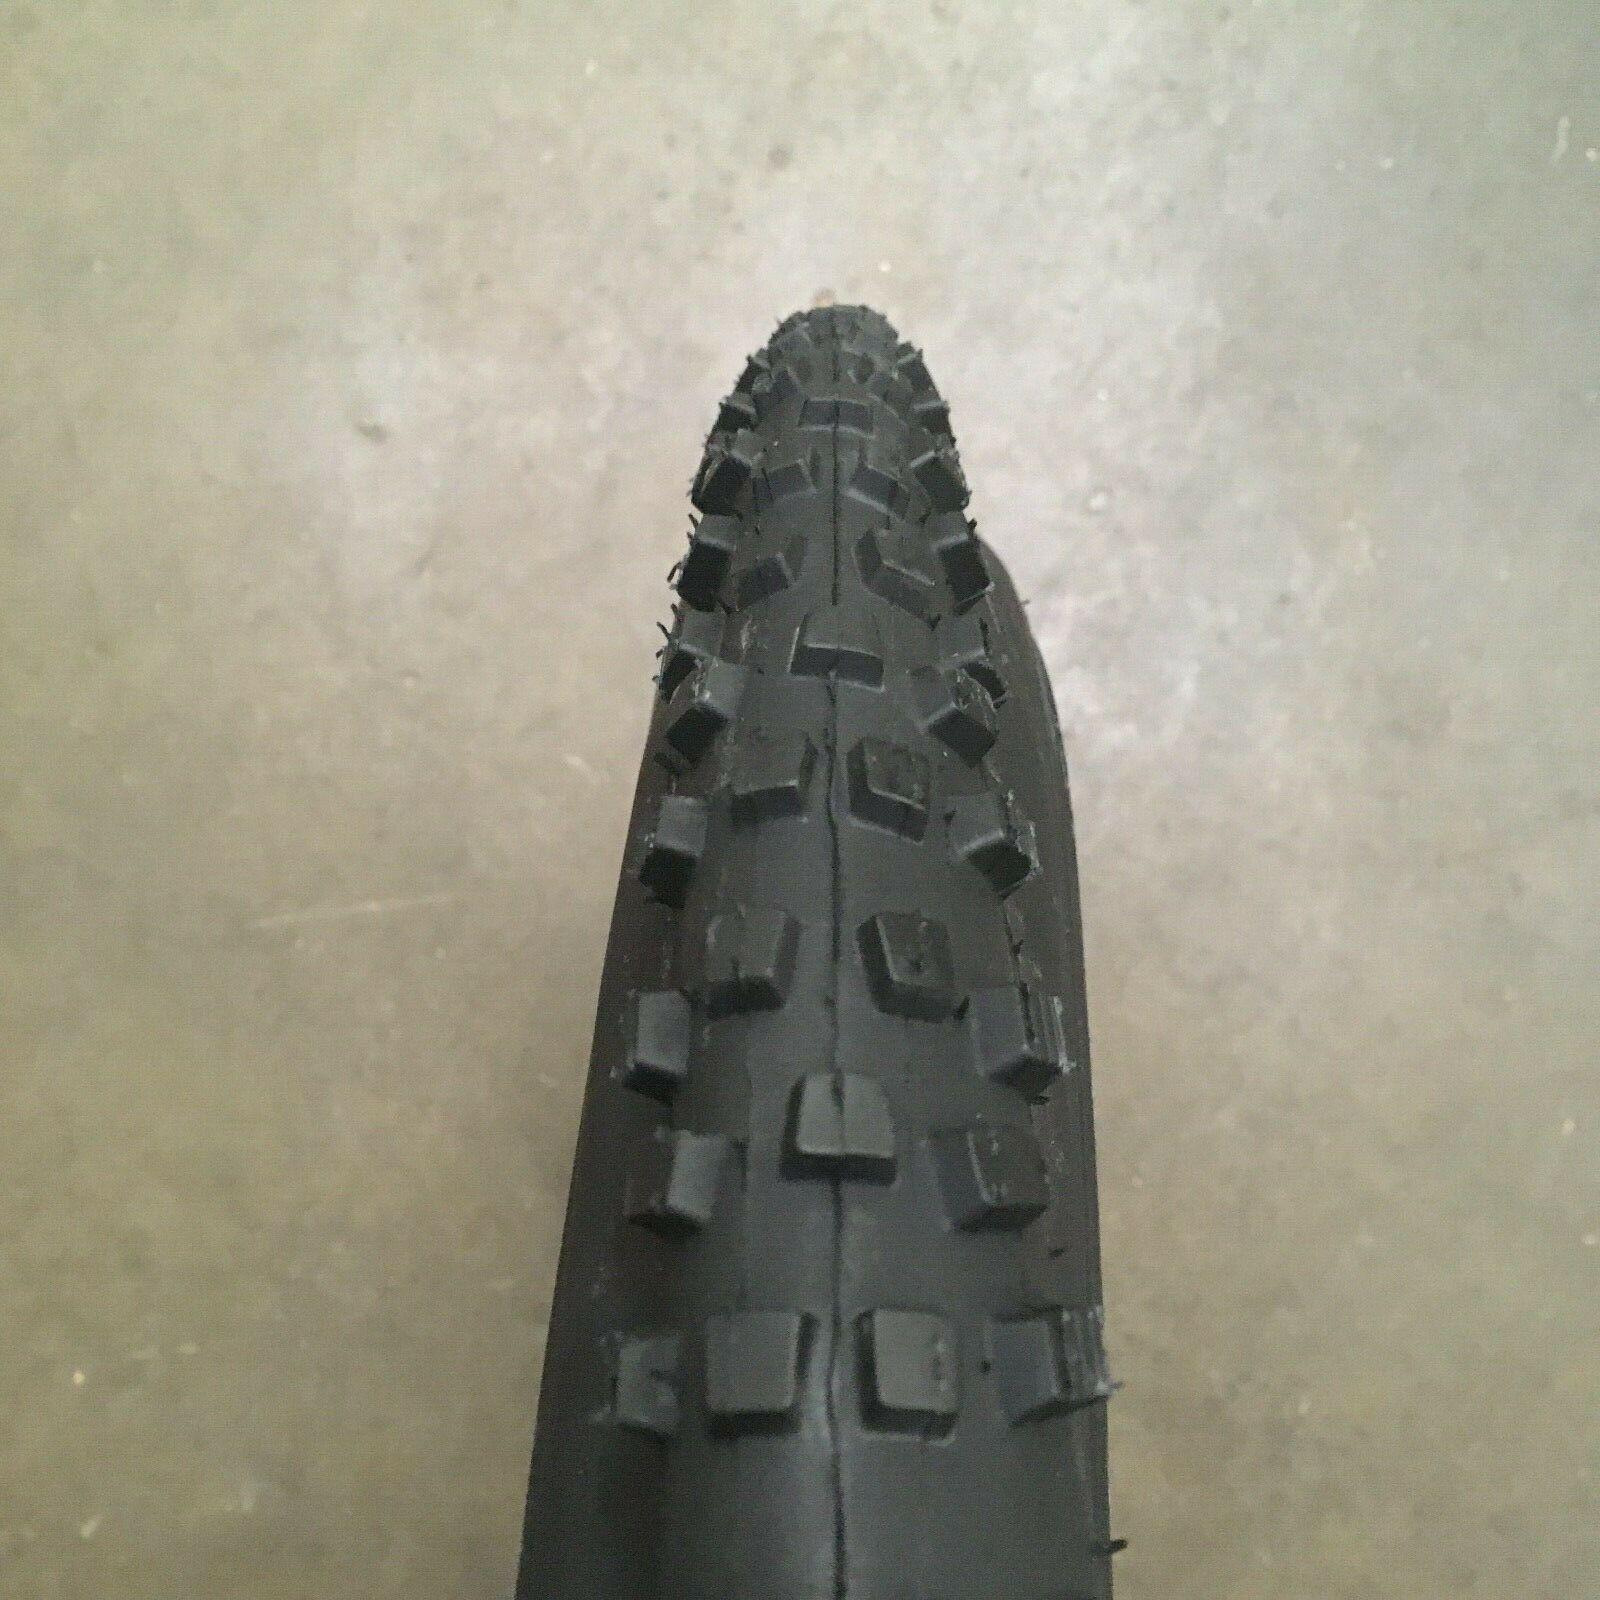 2X Impac By Schwalbe Ridgepac 26 X 2.10 Knobbly Mountain Bike Atb Cycle Tyres